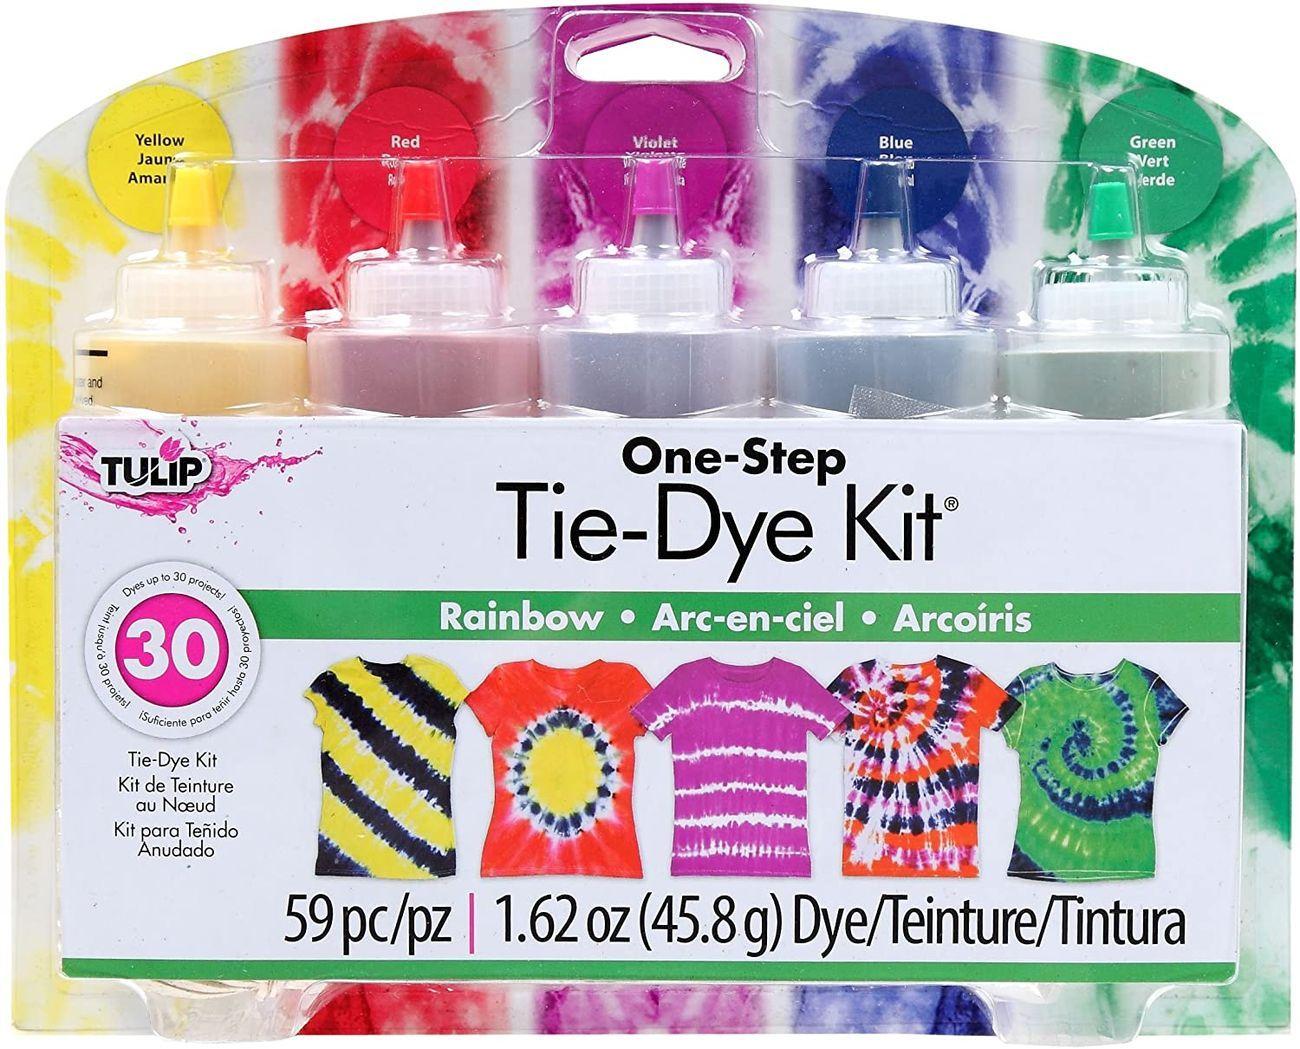 Kit per il tie-dye di Tulip